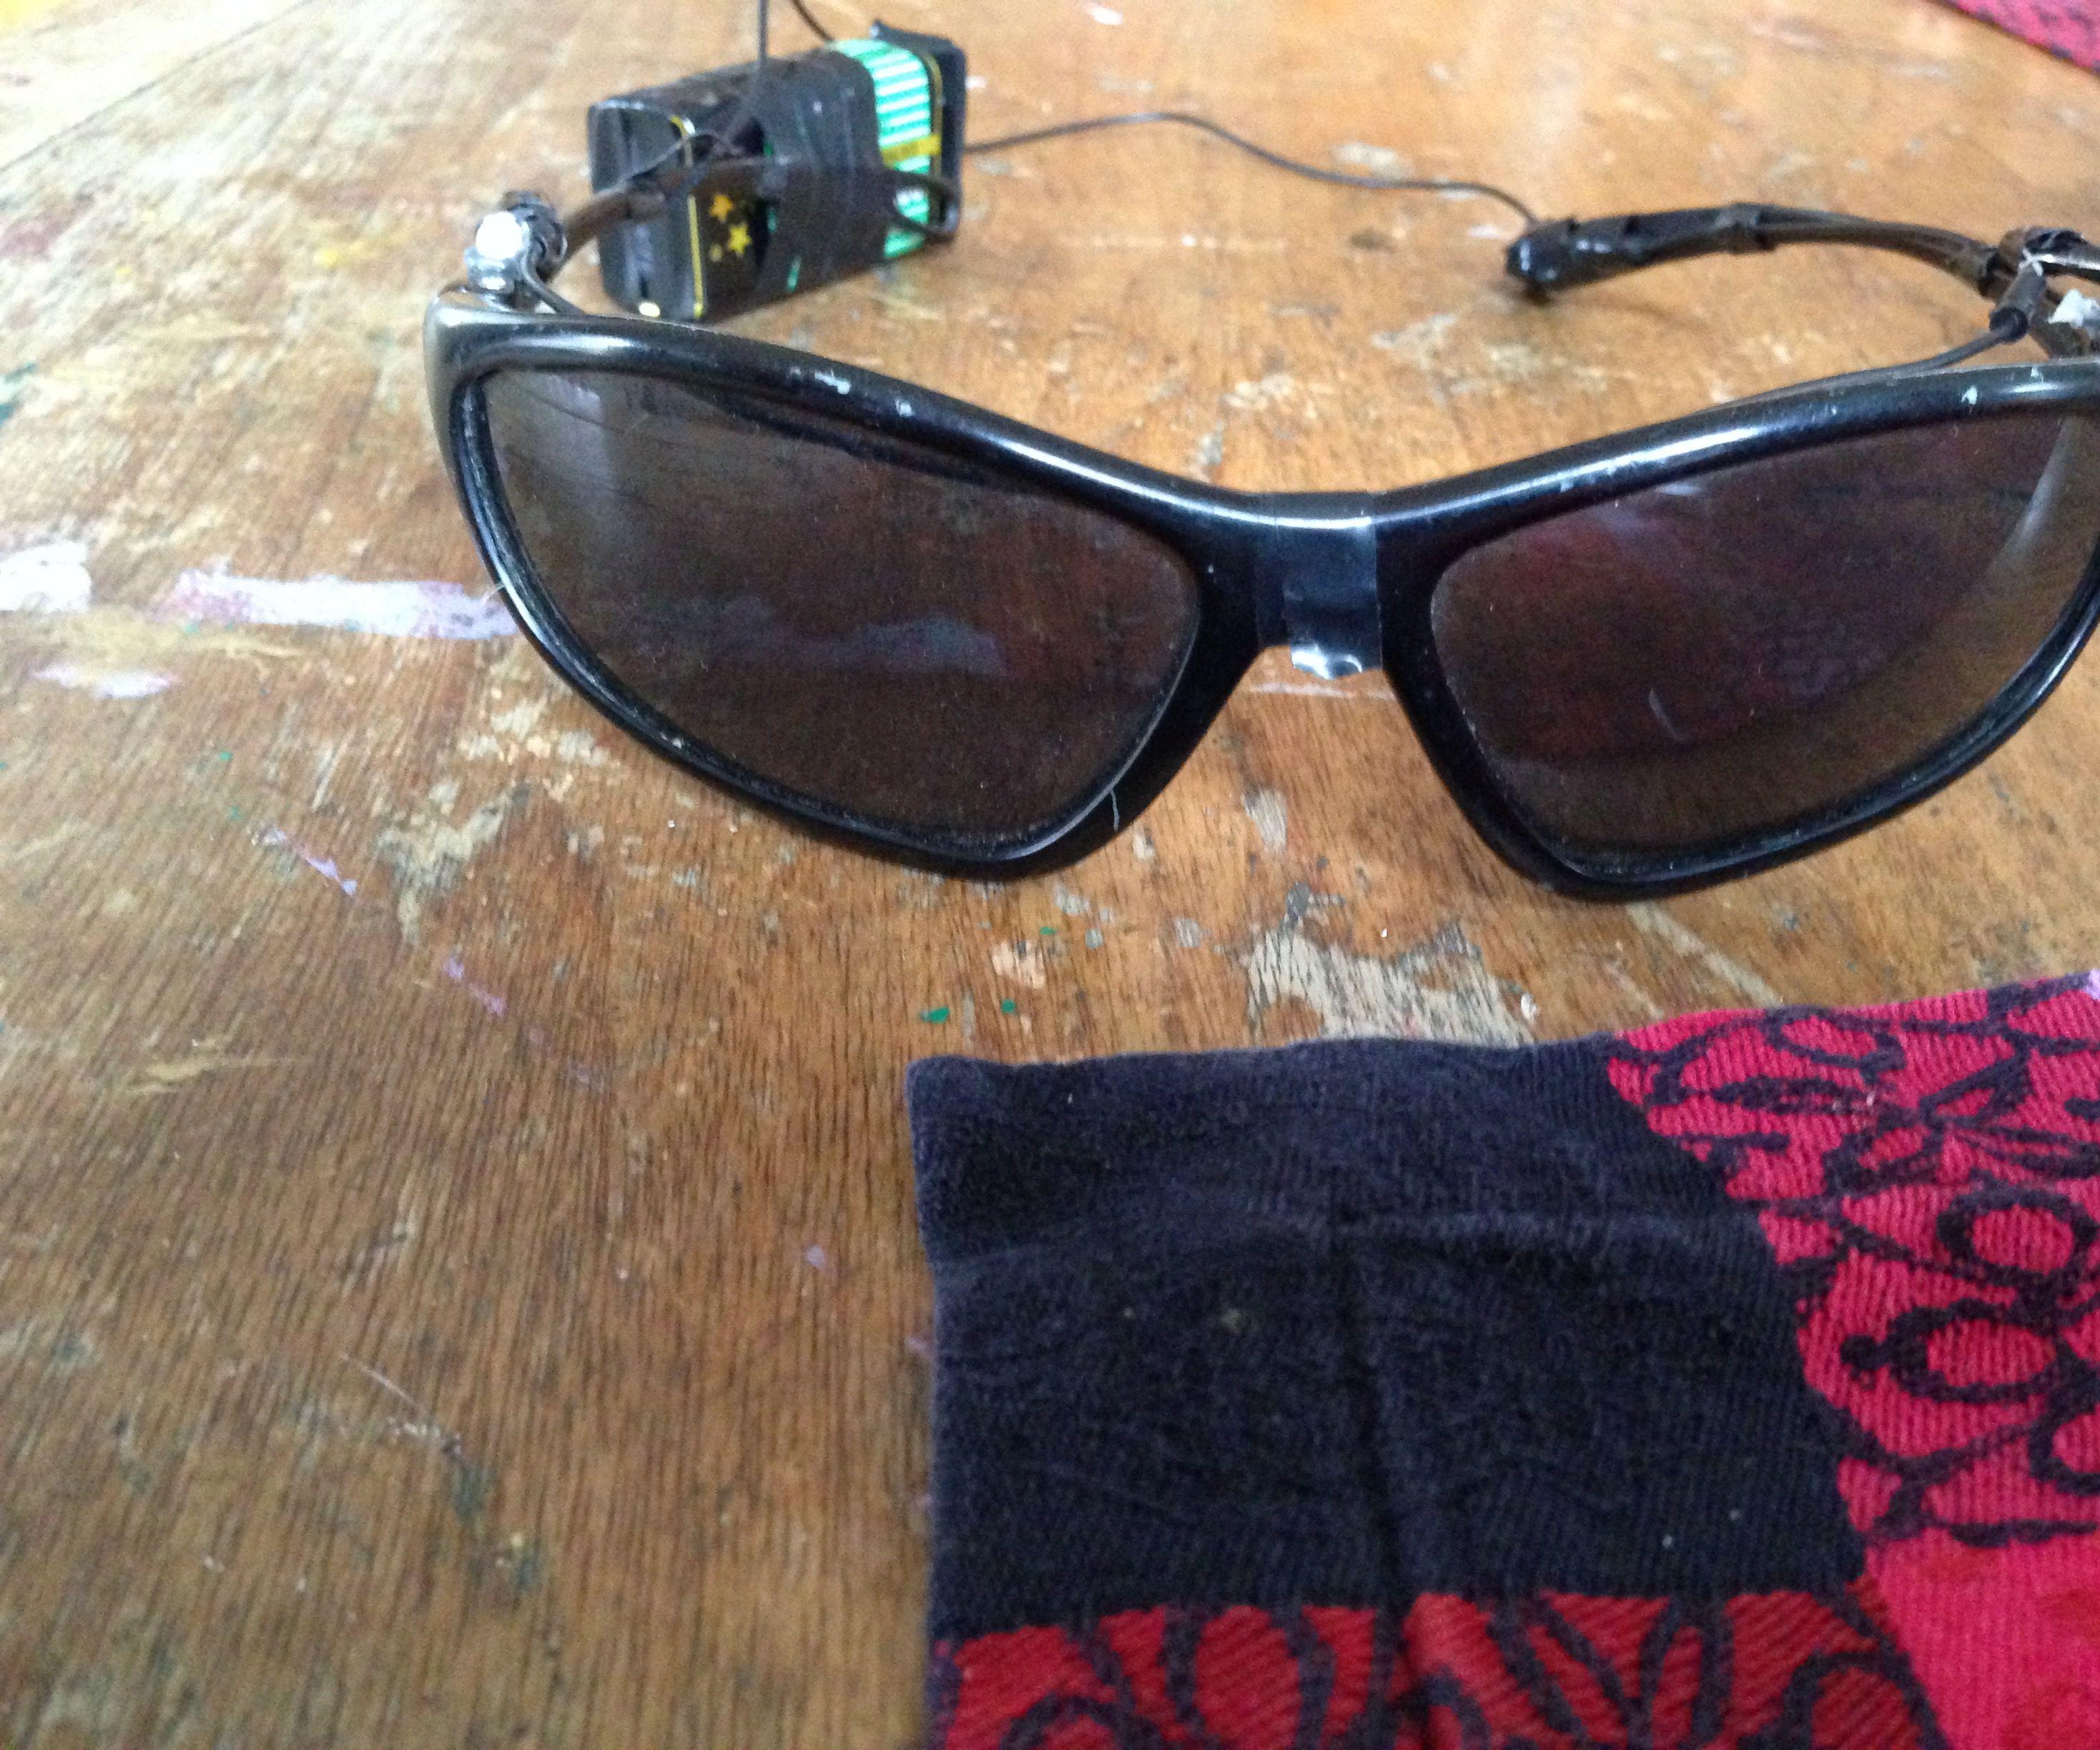 DIY LED Sunglasses